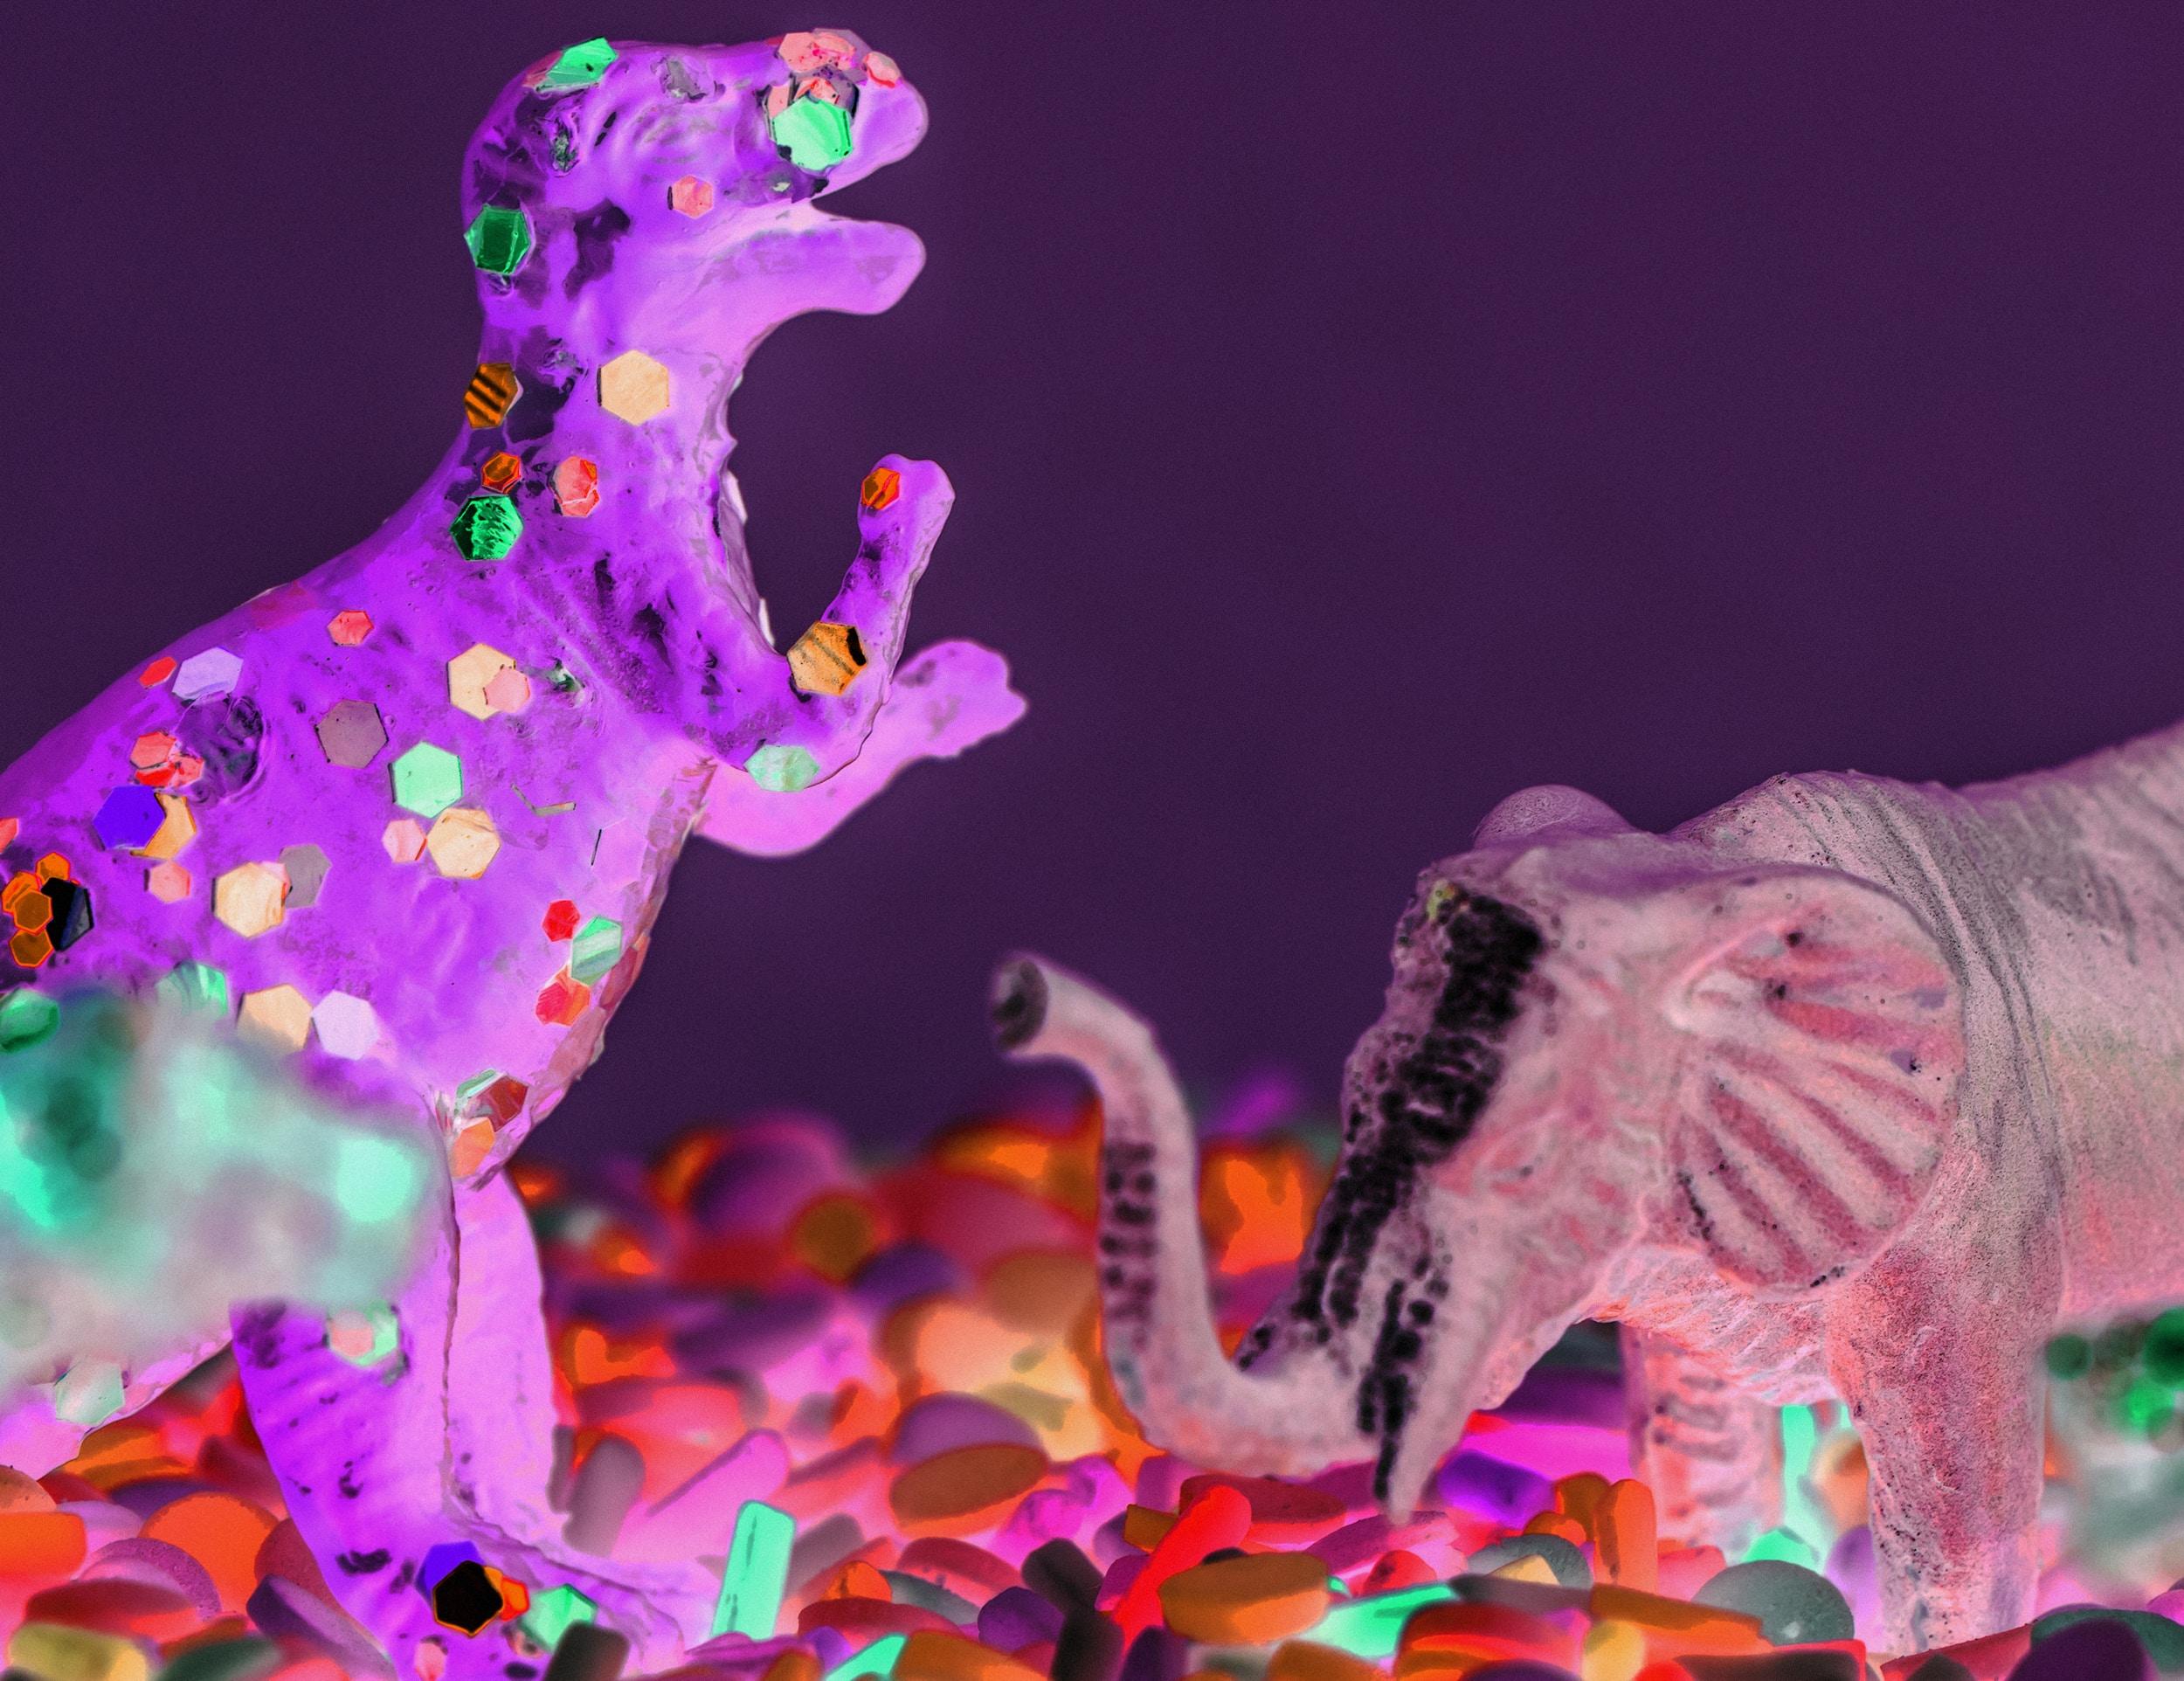 dinosaur and elephant toys